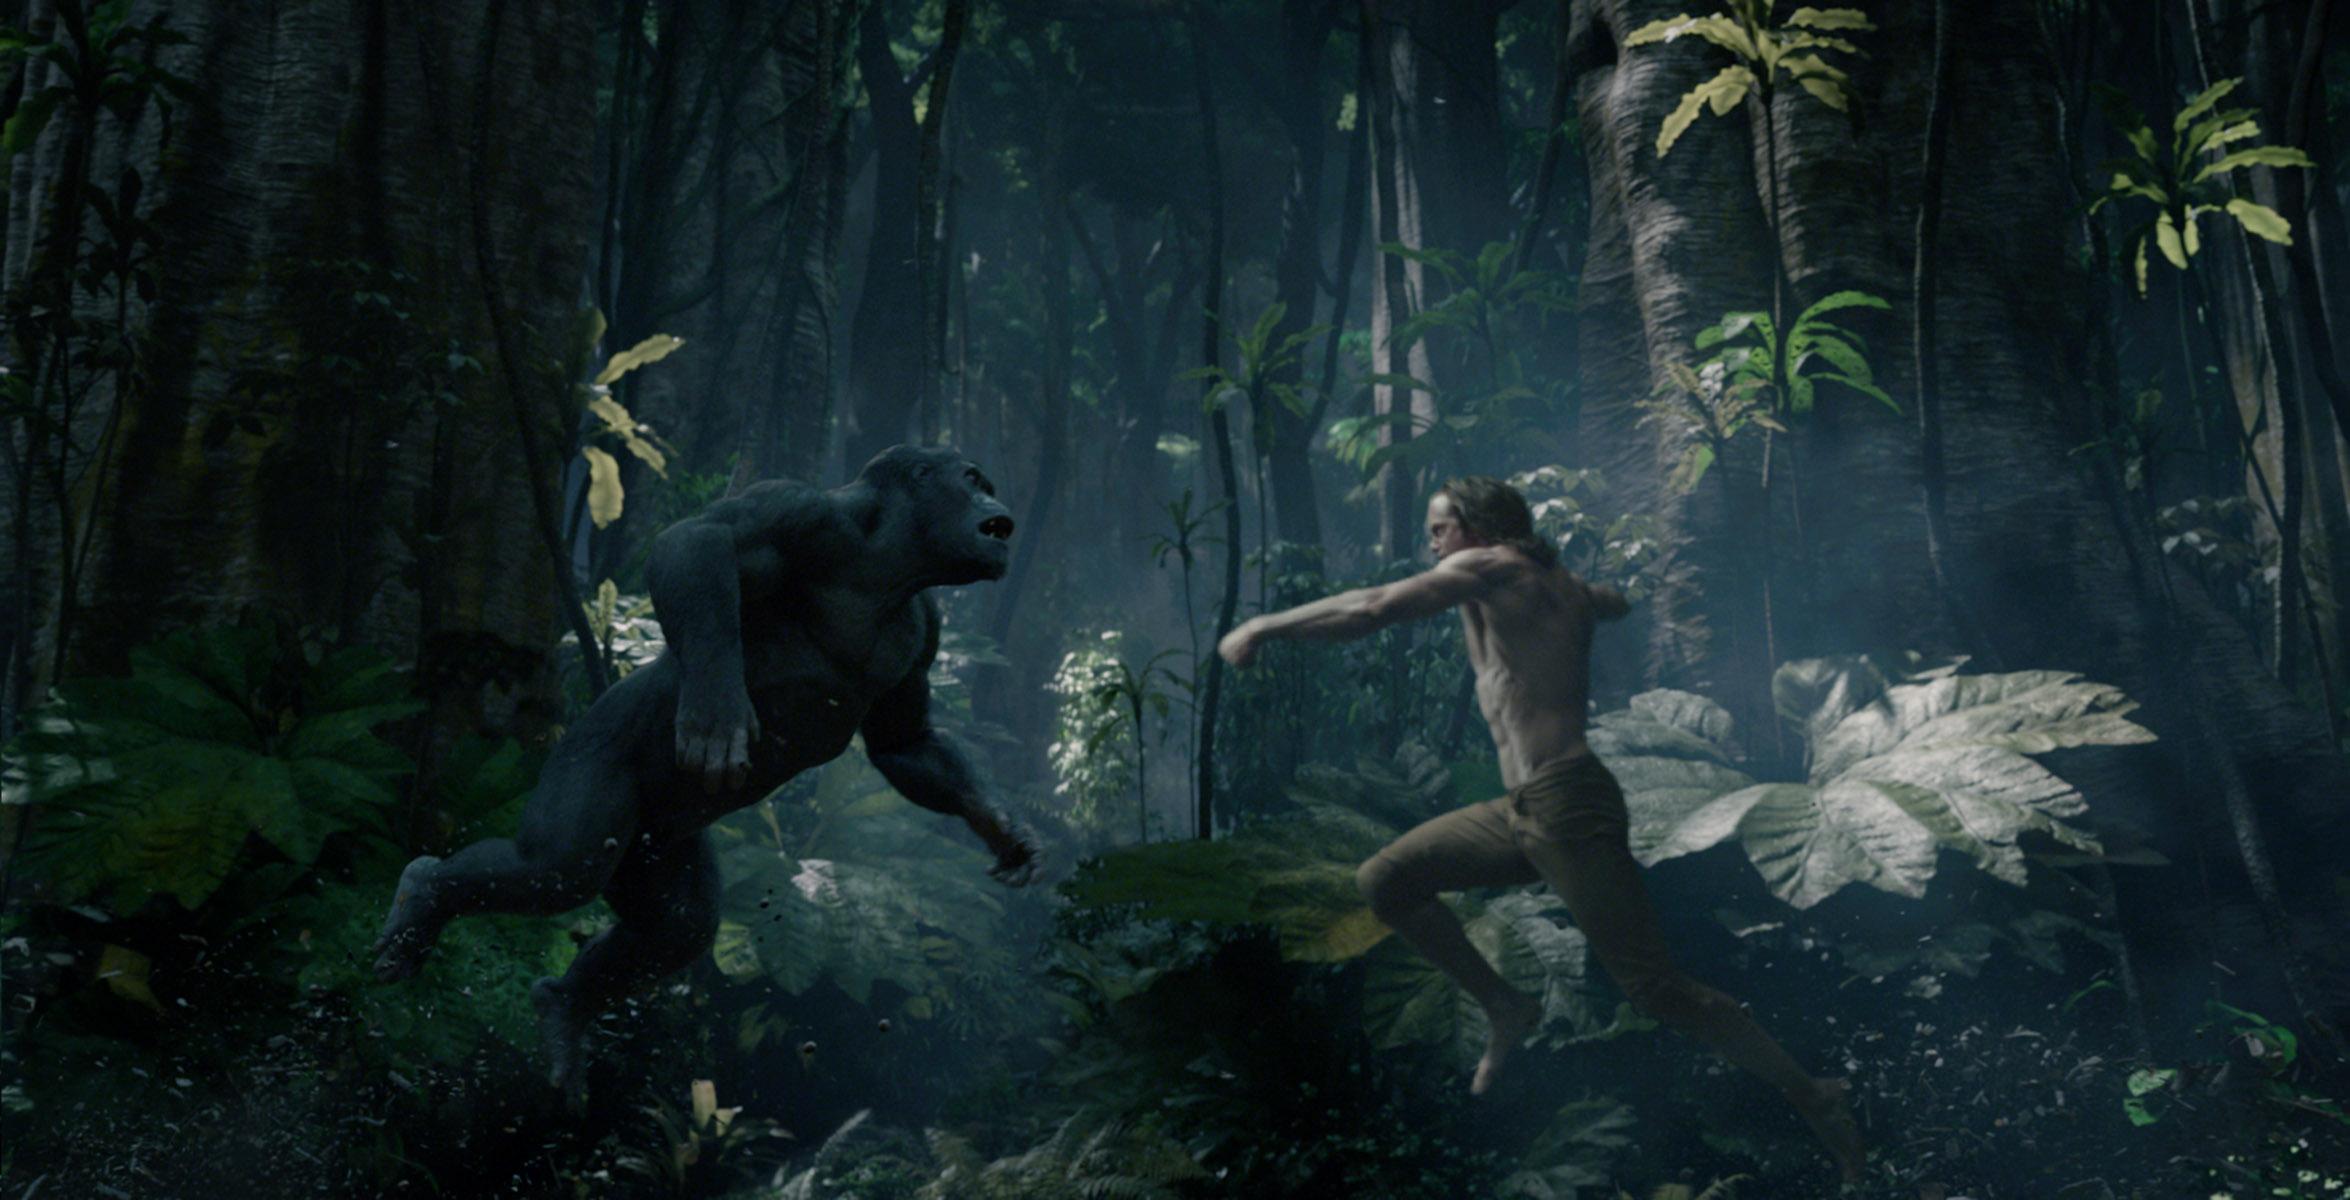 «Тарзан. Легенда» — это продолжение несуществующего фильма 2